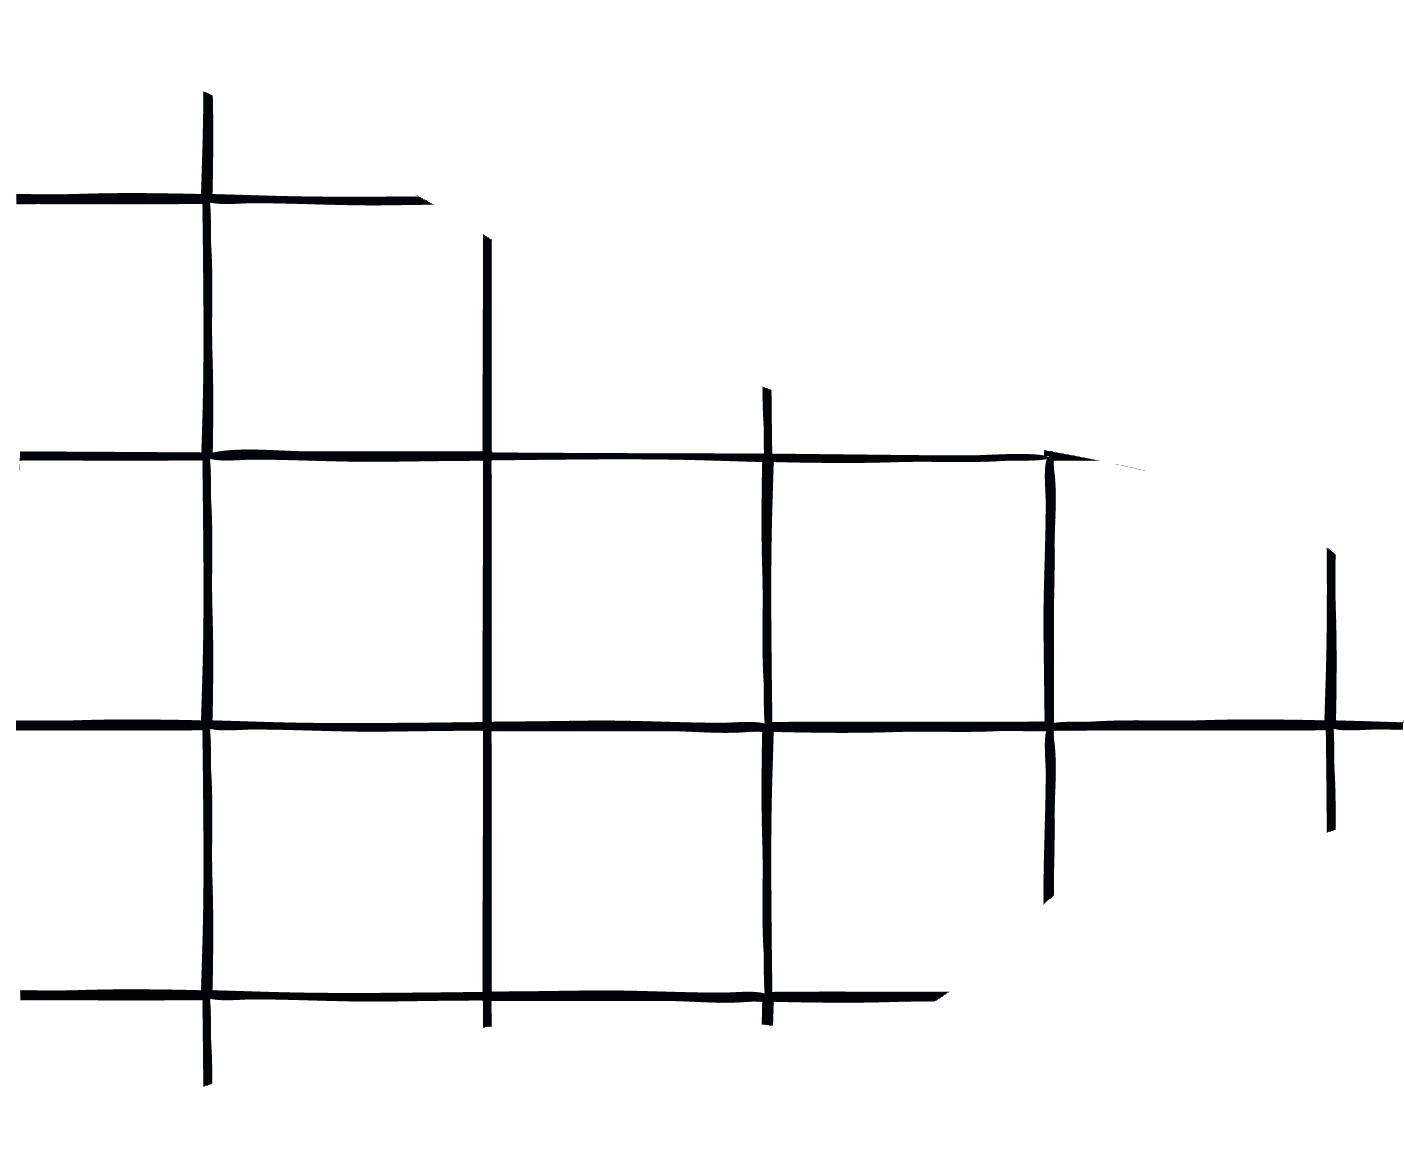 een decoratief randje dat lijkt op een stel tegeltjes